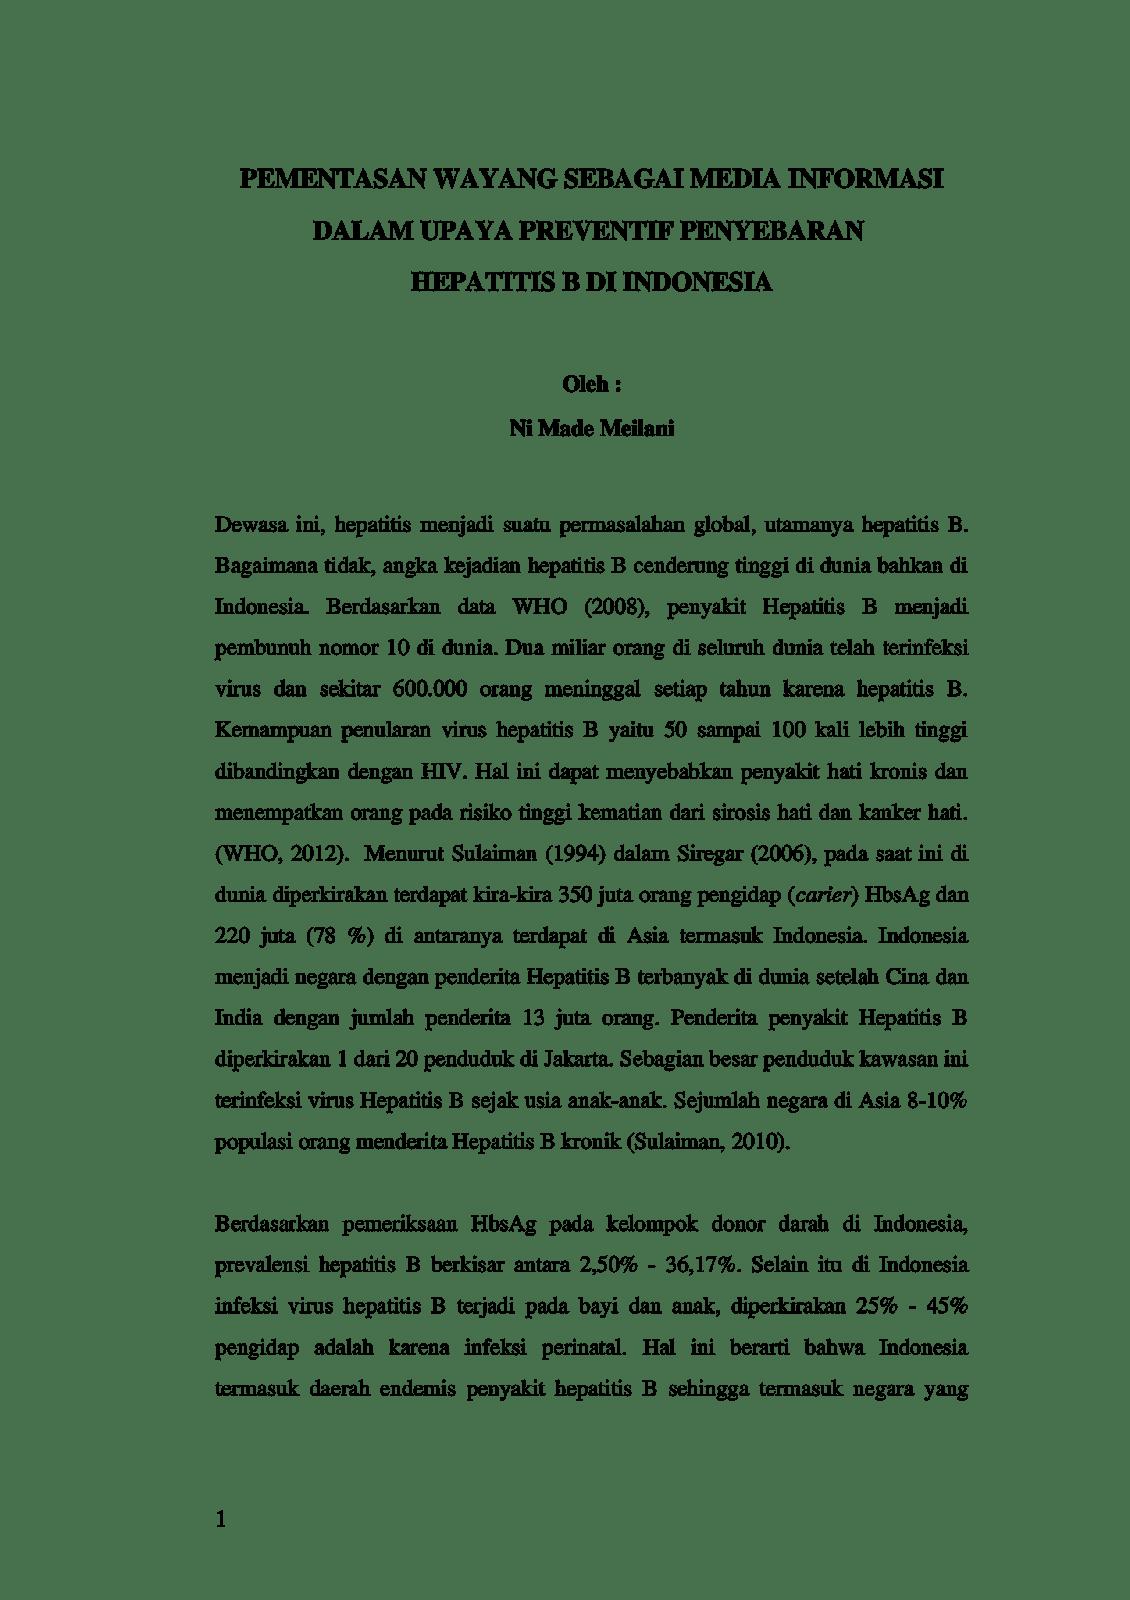 Contoh Esai Ilmiah Wood Scribd Indo